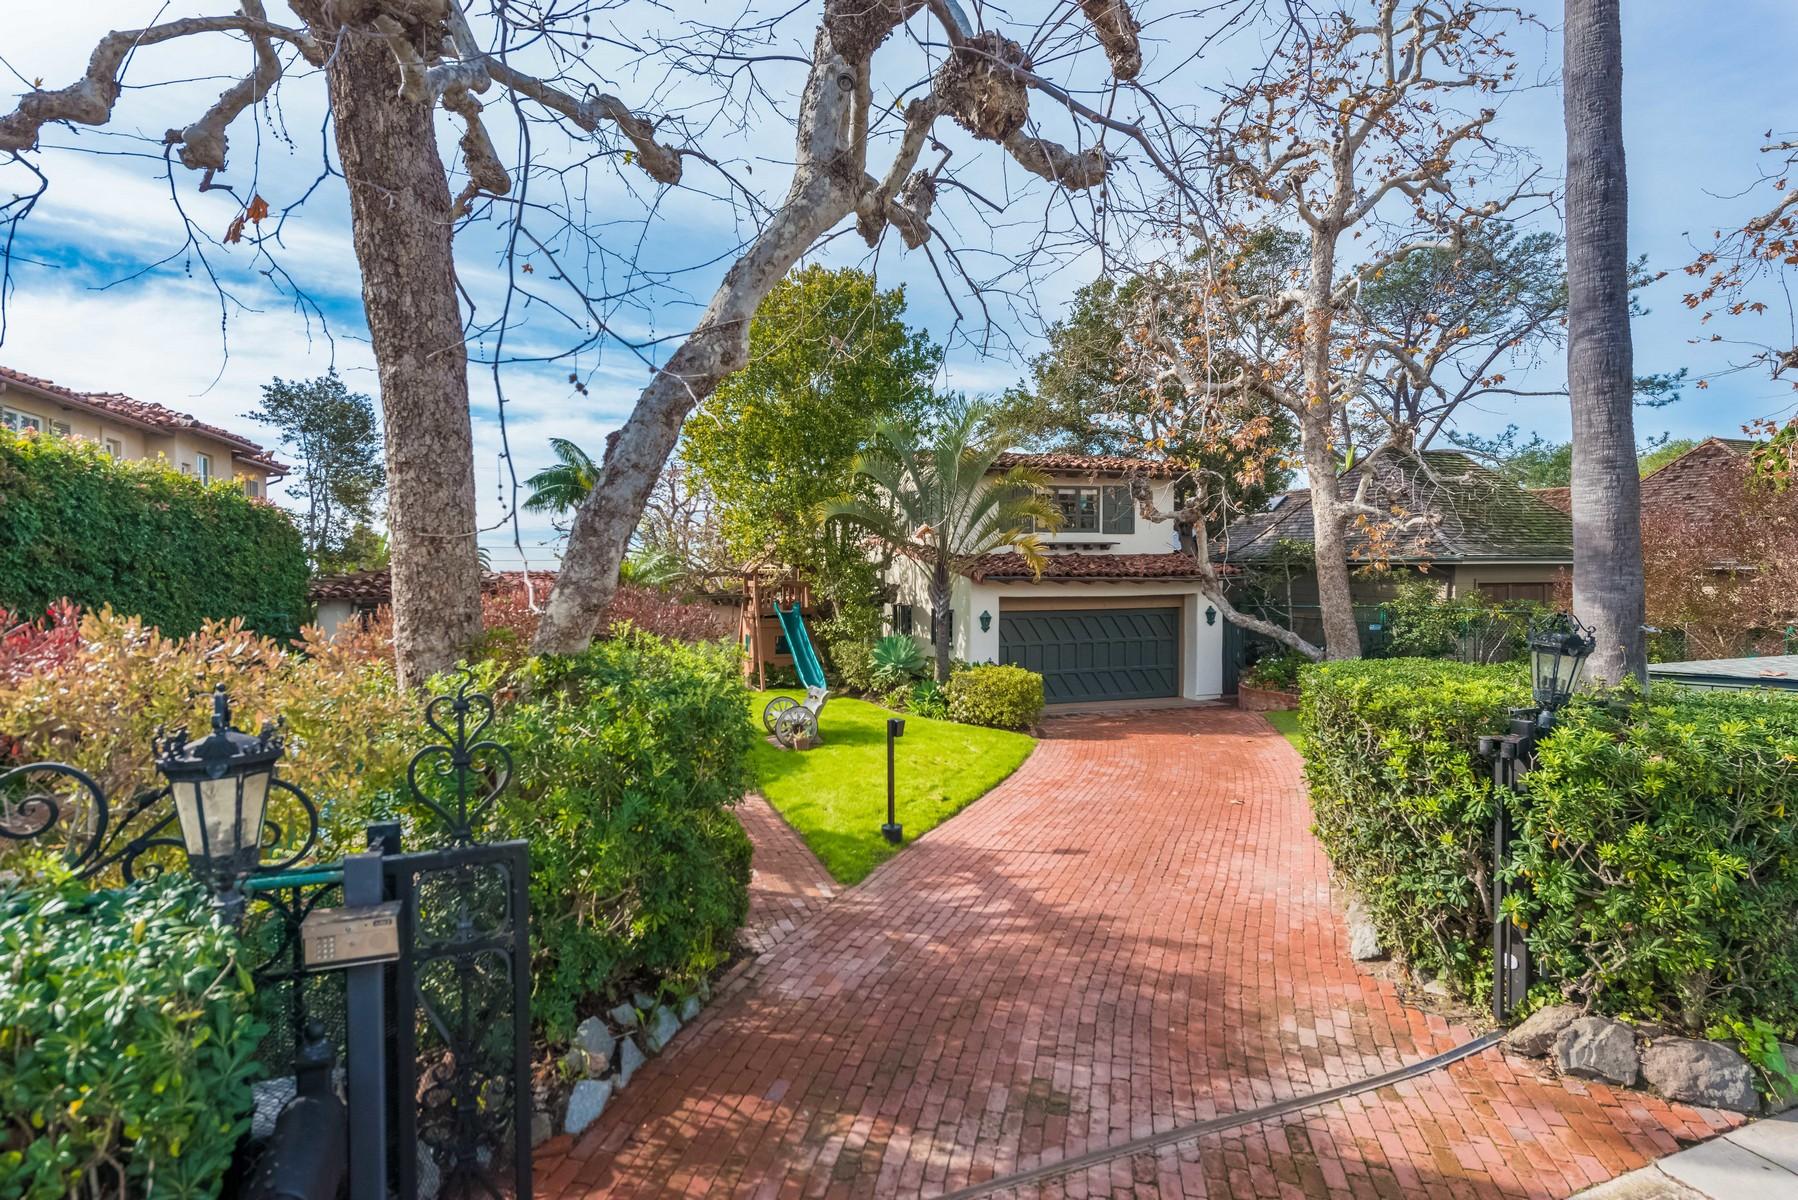 Tek Ailelik Ev için Satış at 6116 Avenida Cresta La Jolla, Kaliforniya, 92037 Amerika Birleşik Devletleri